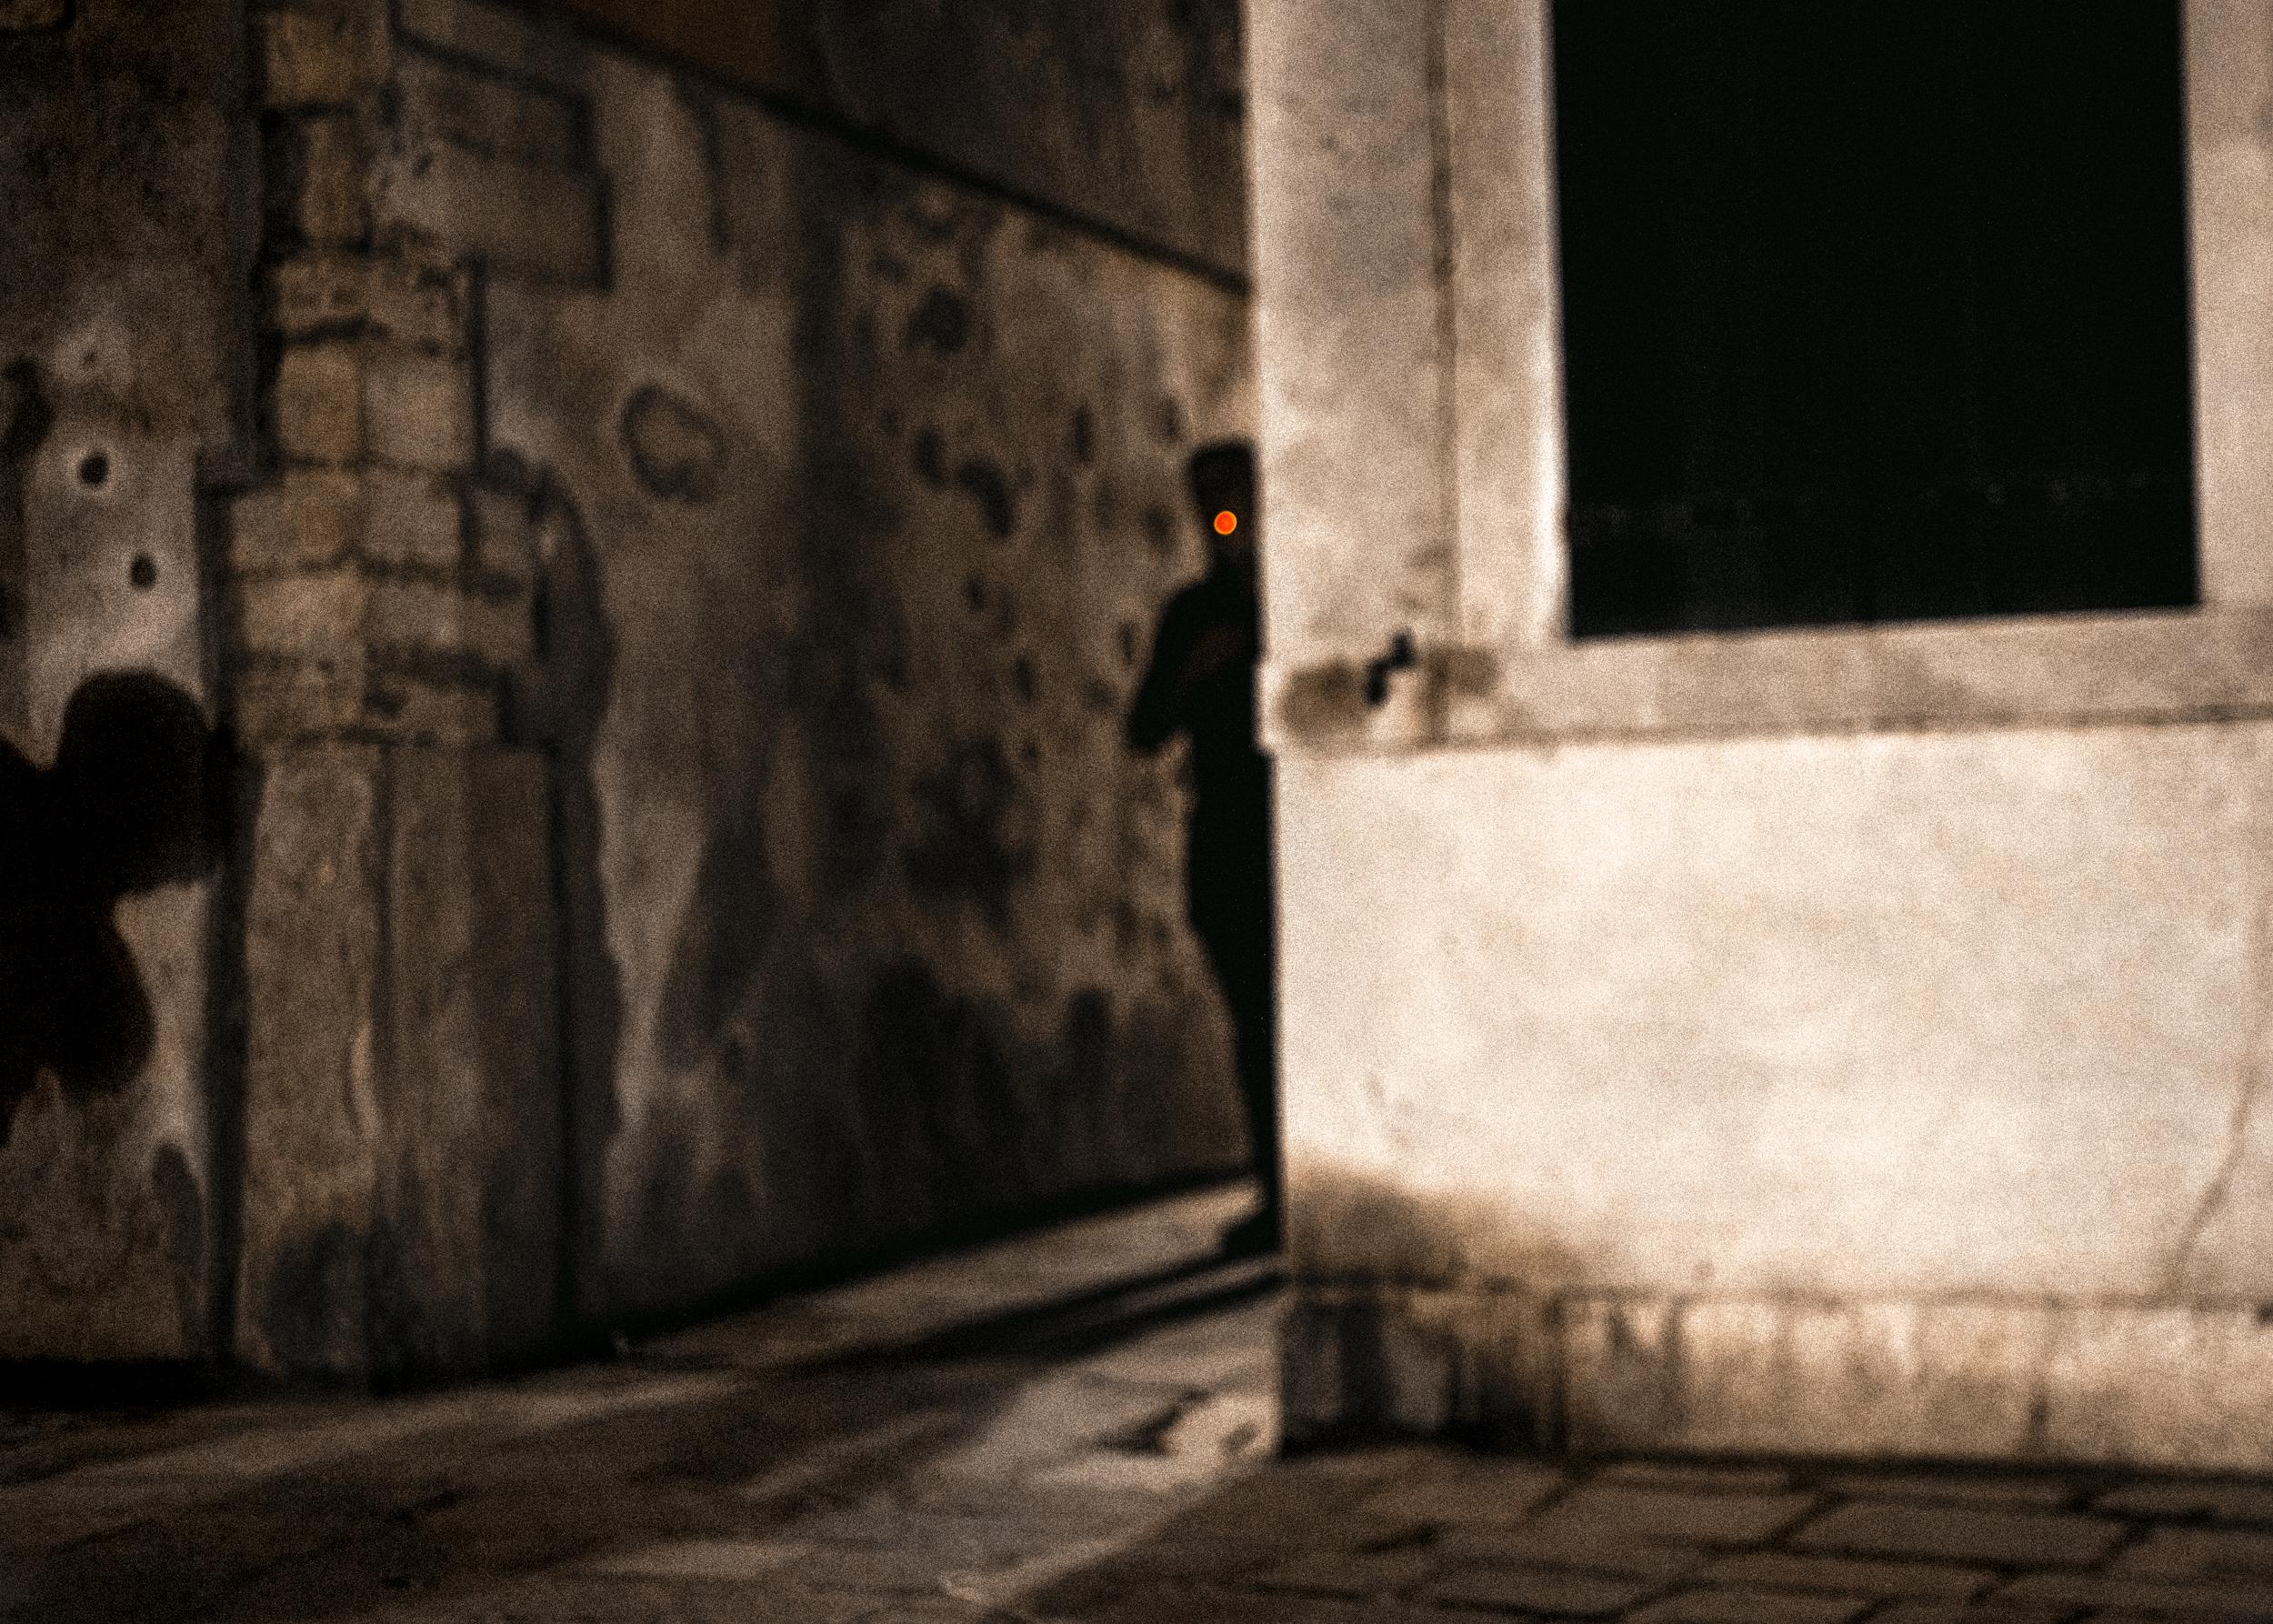 Shade of man hidden in a street at night